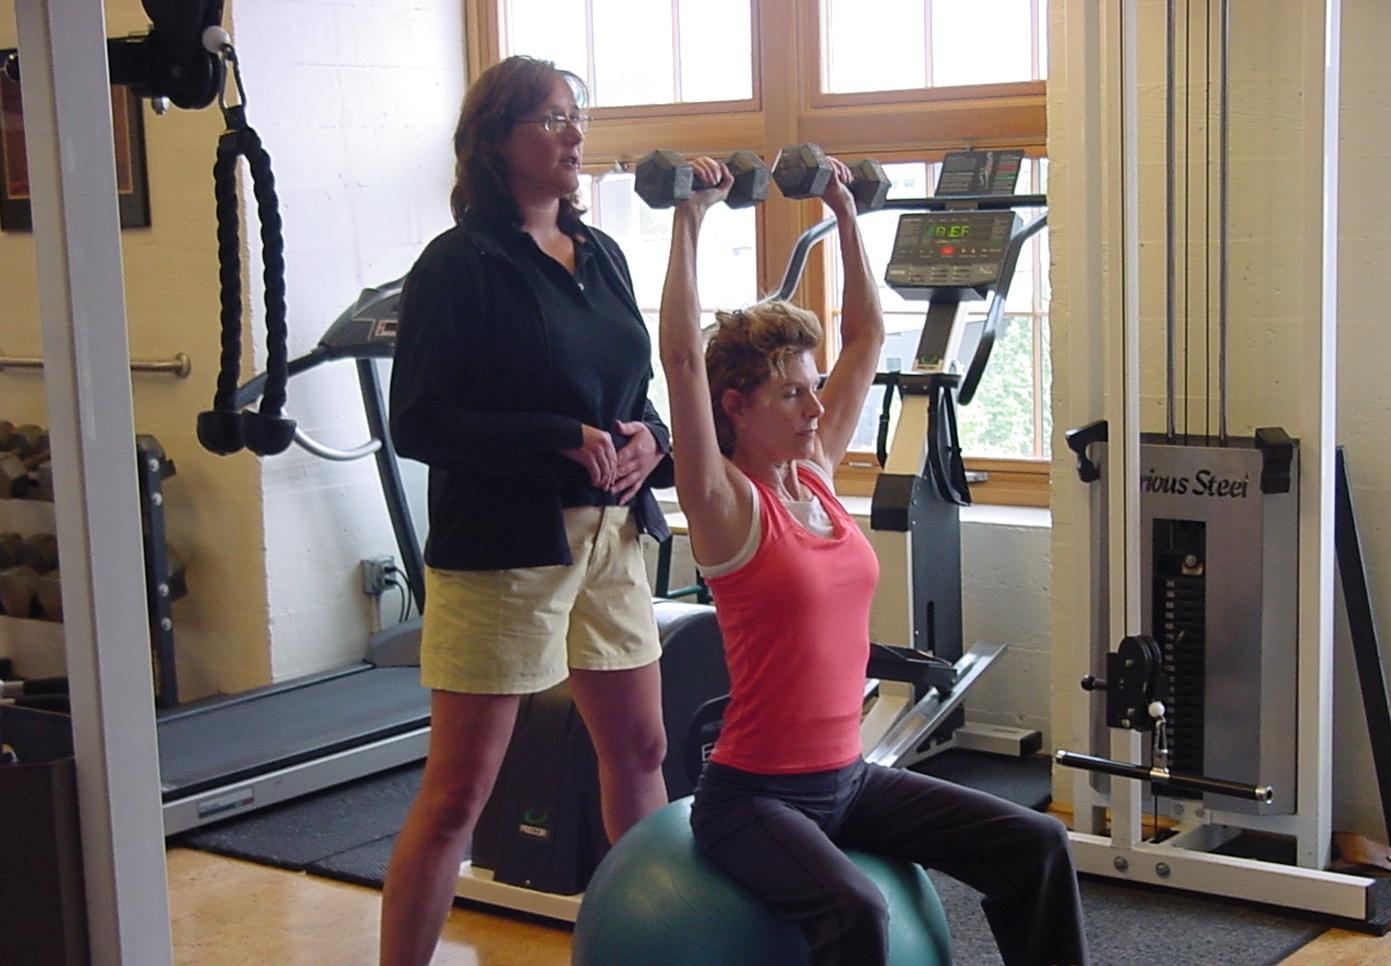 Gym In Northwest Portland, OR